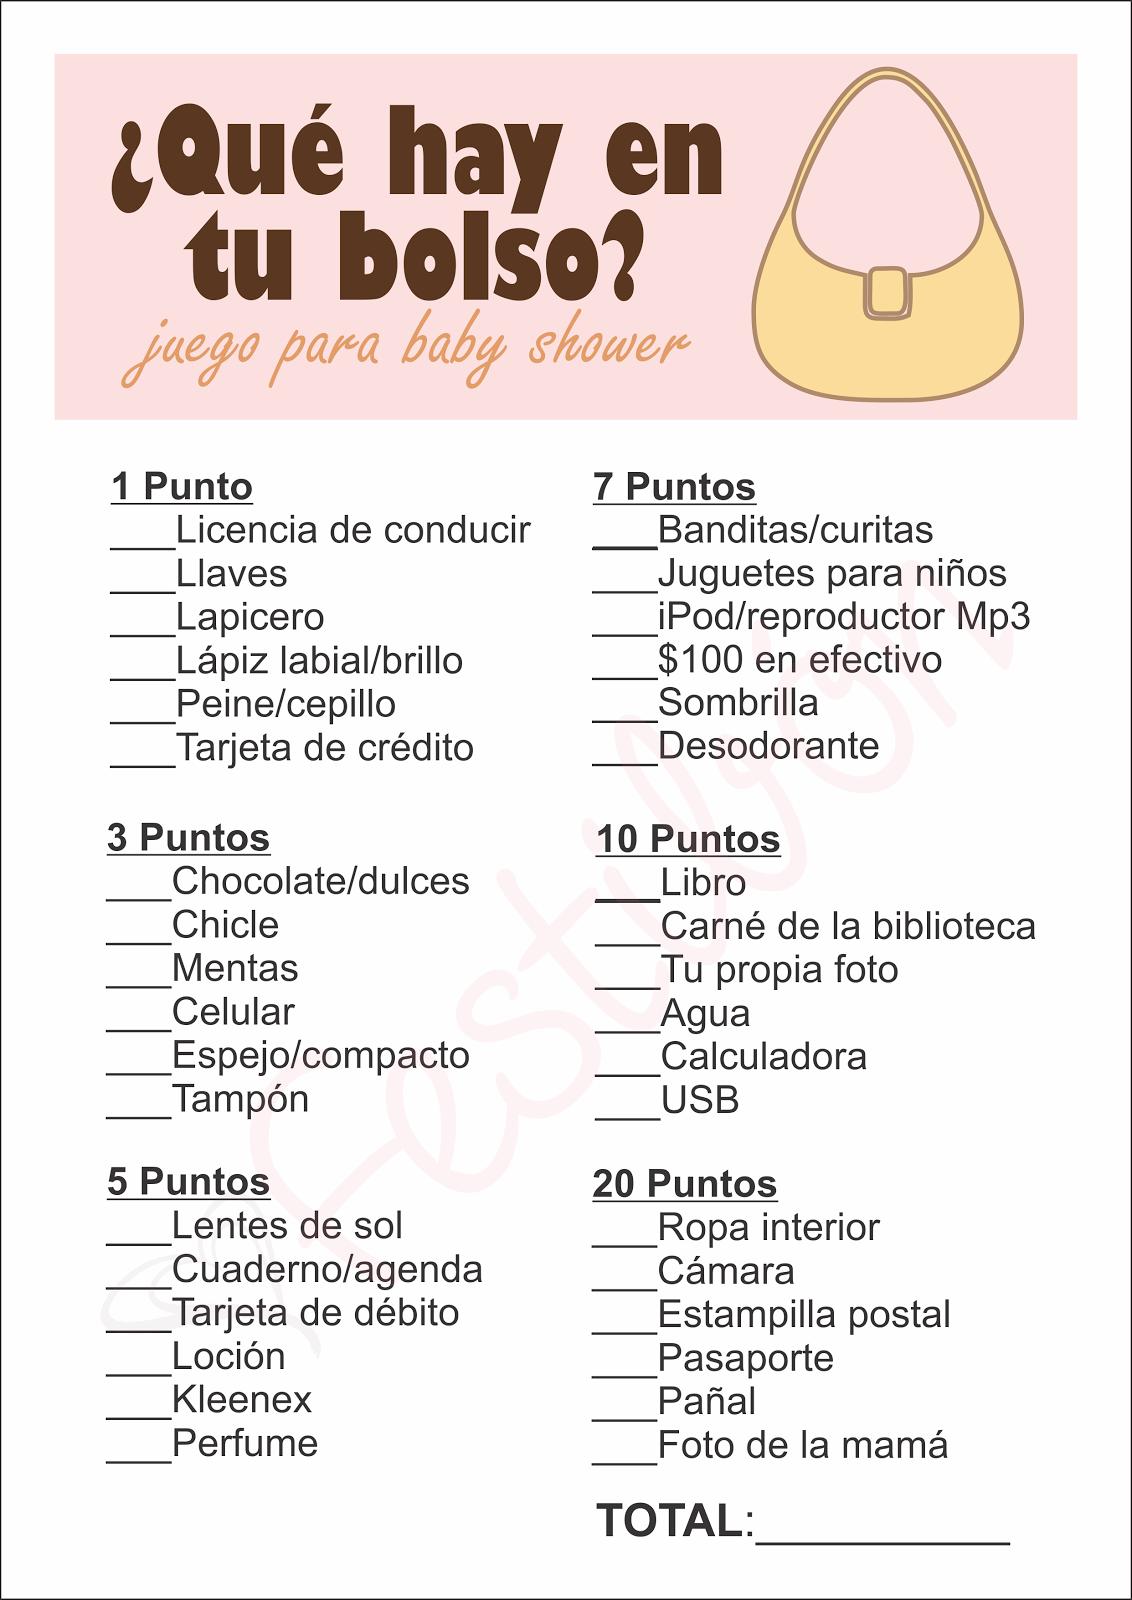 51 Juegos Para Baby Shower Mixto Gratis Para Imprimir Mixto